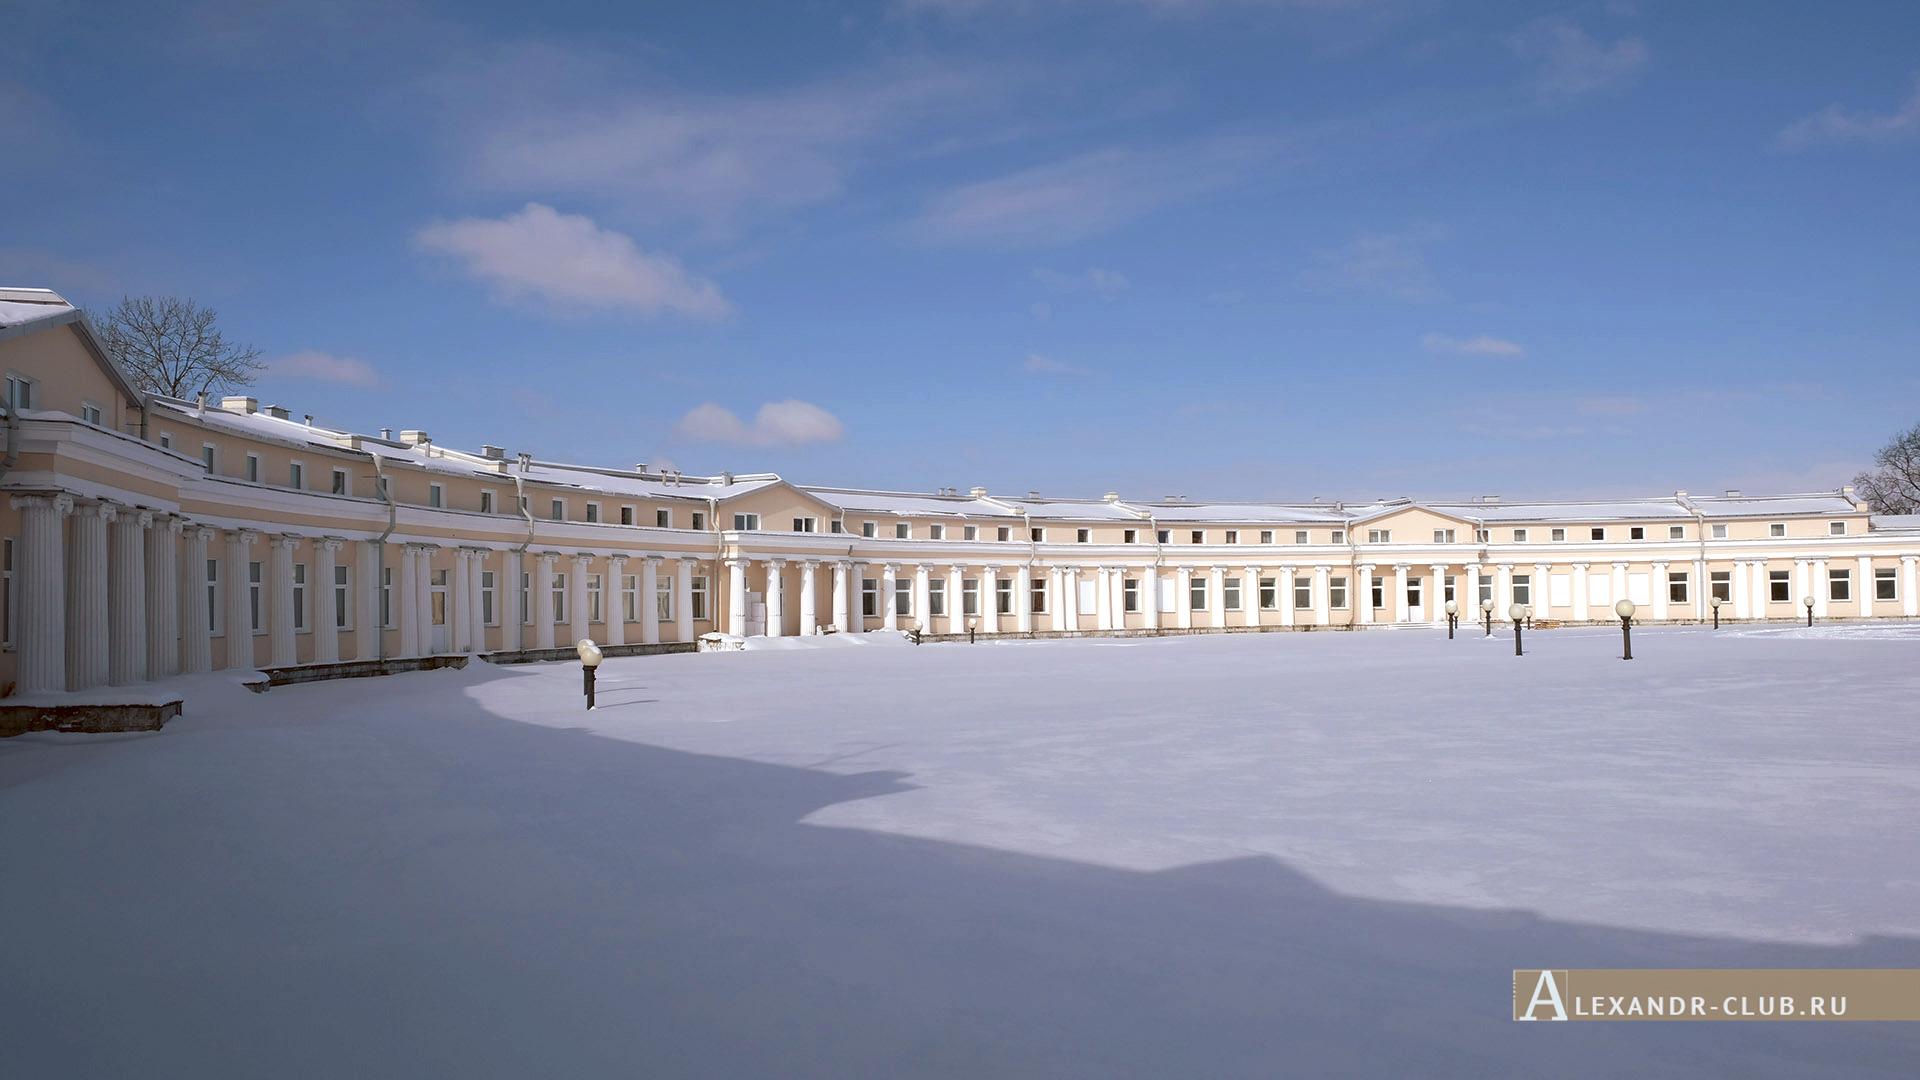 Петергоф, Луговой парк, зима, дворец Бельведер – 6